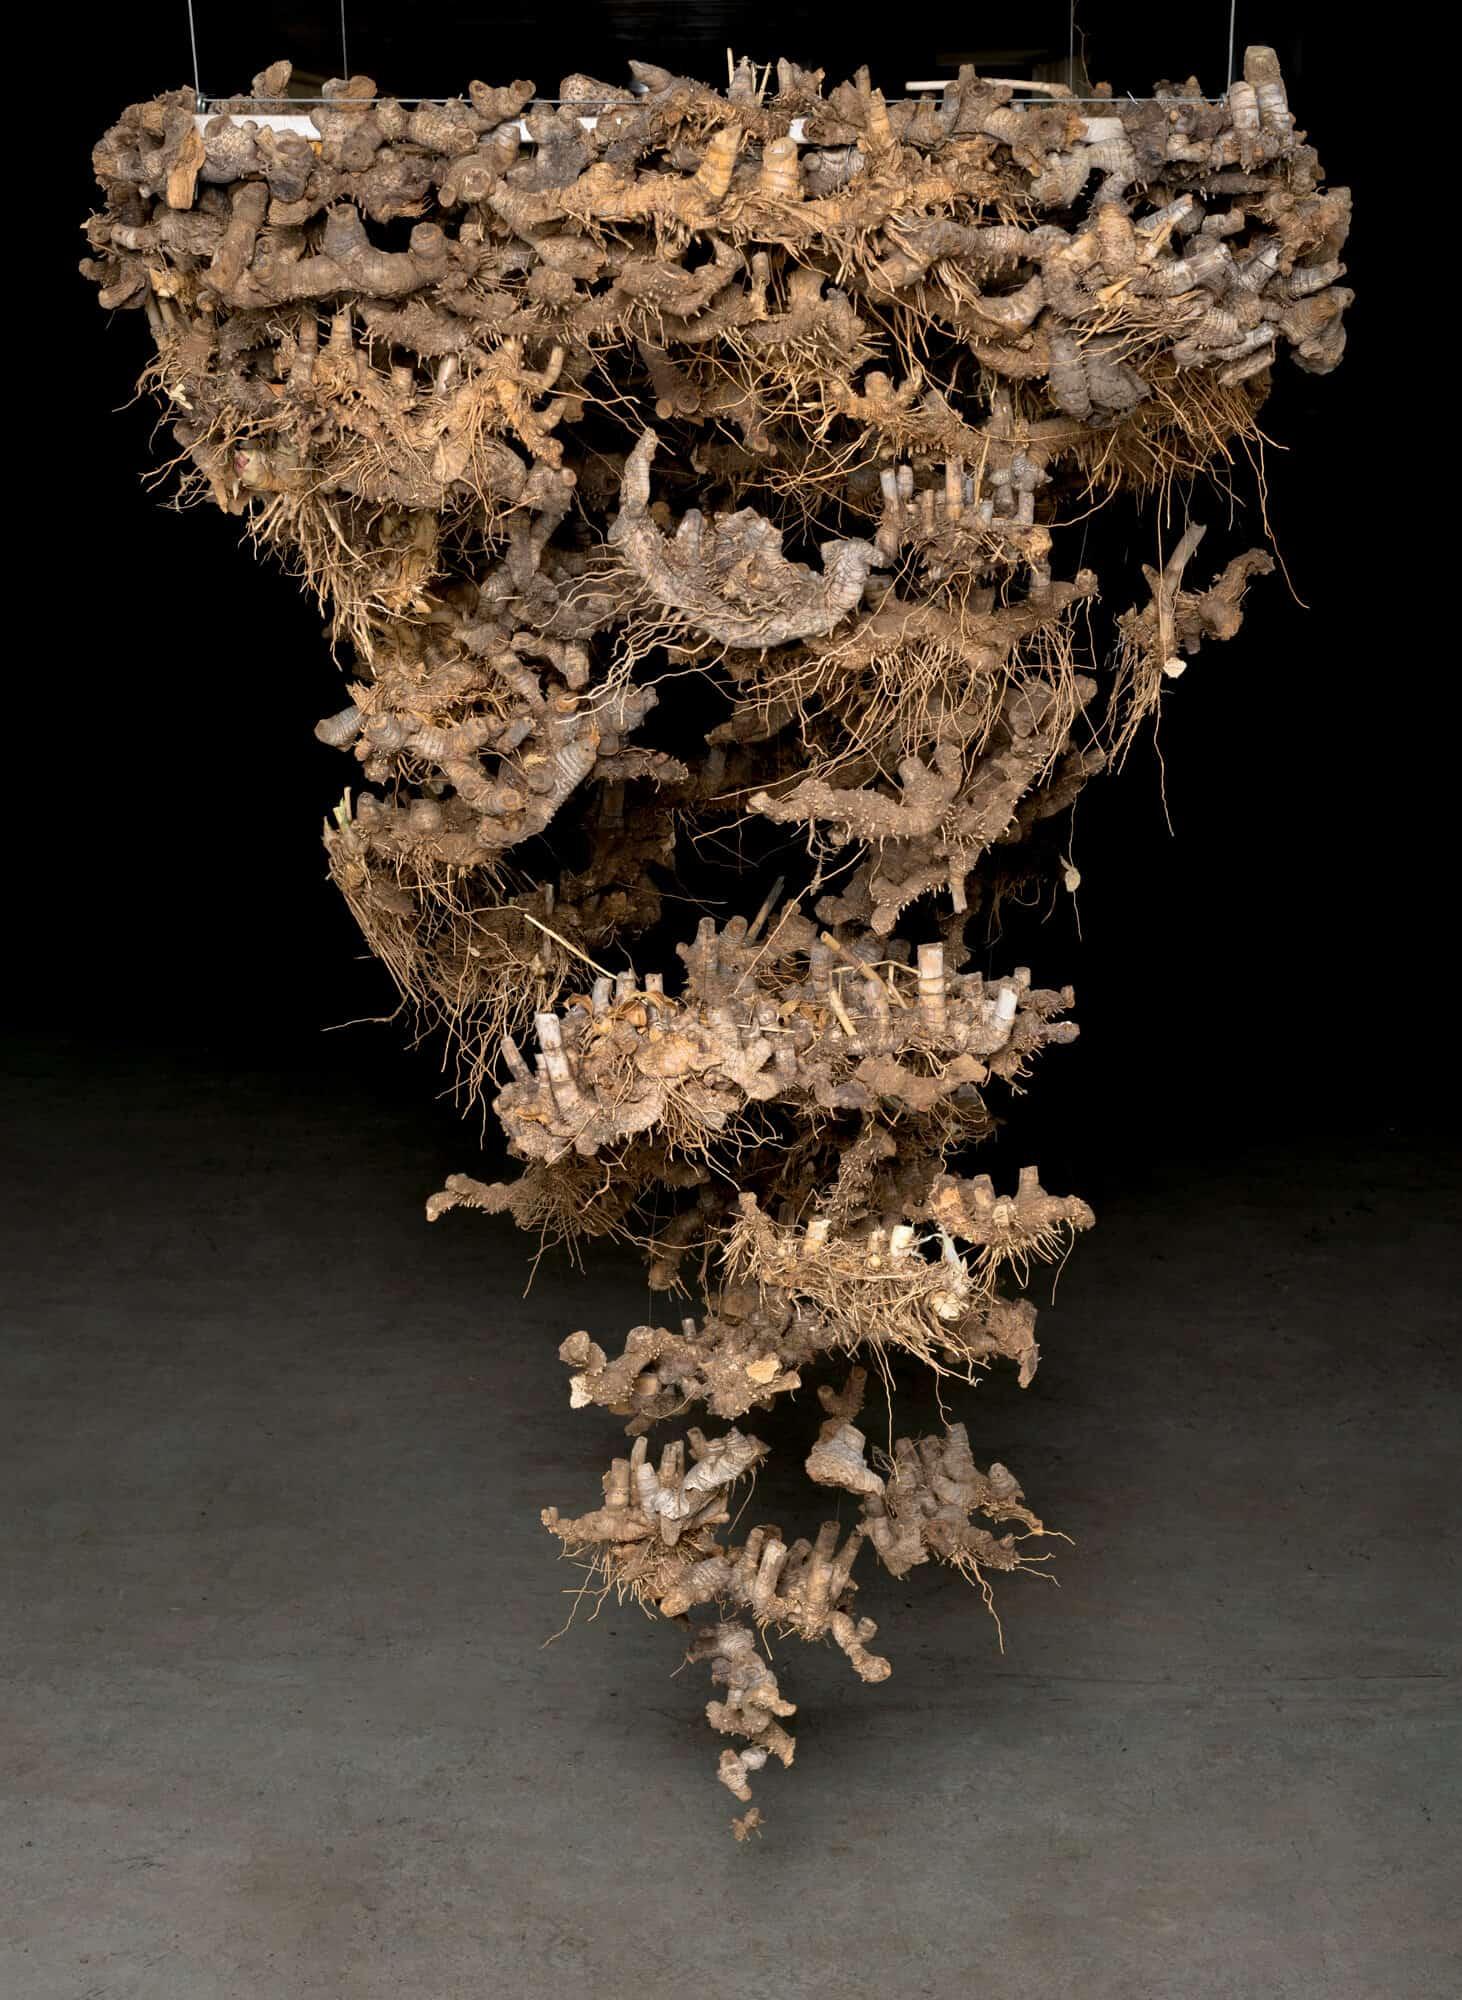 • Cecilia Maartens-Van Vuuren (Bloemfontein) Un presentimento Radici essiccate